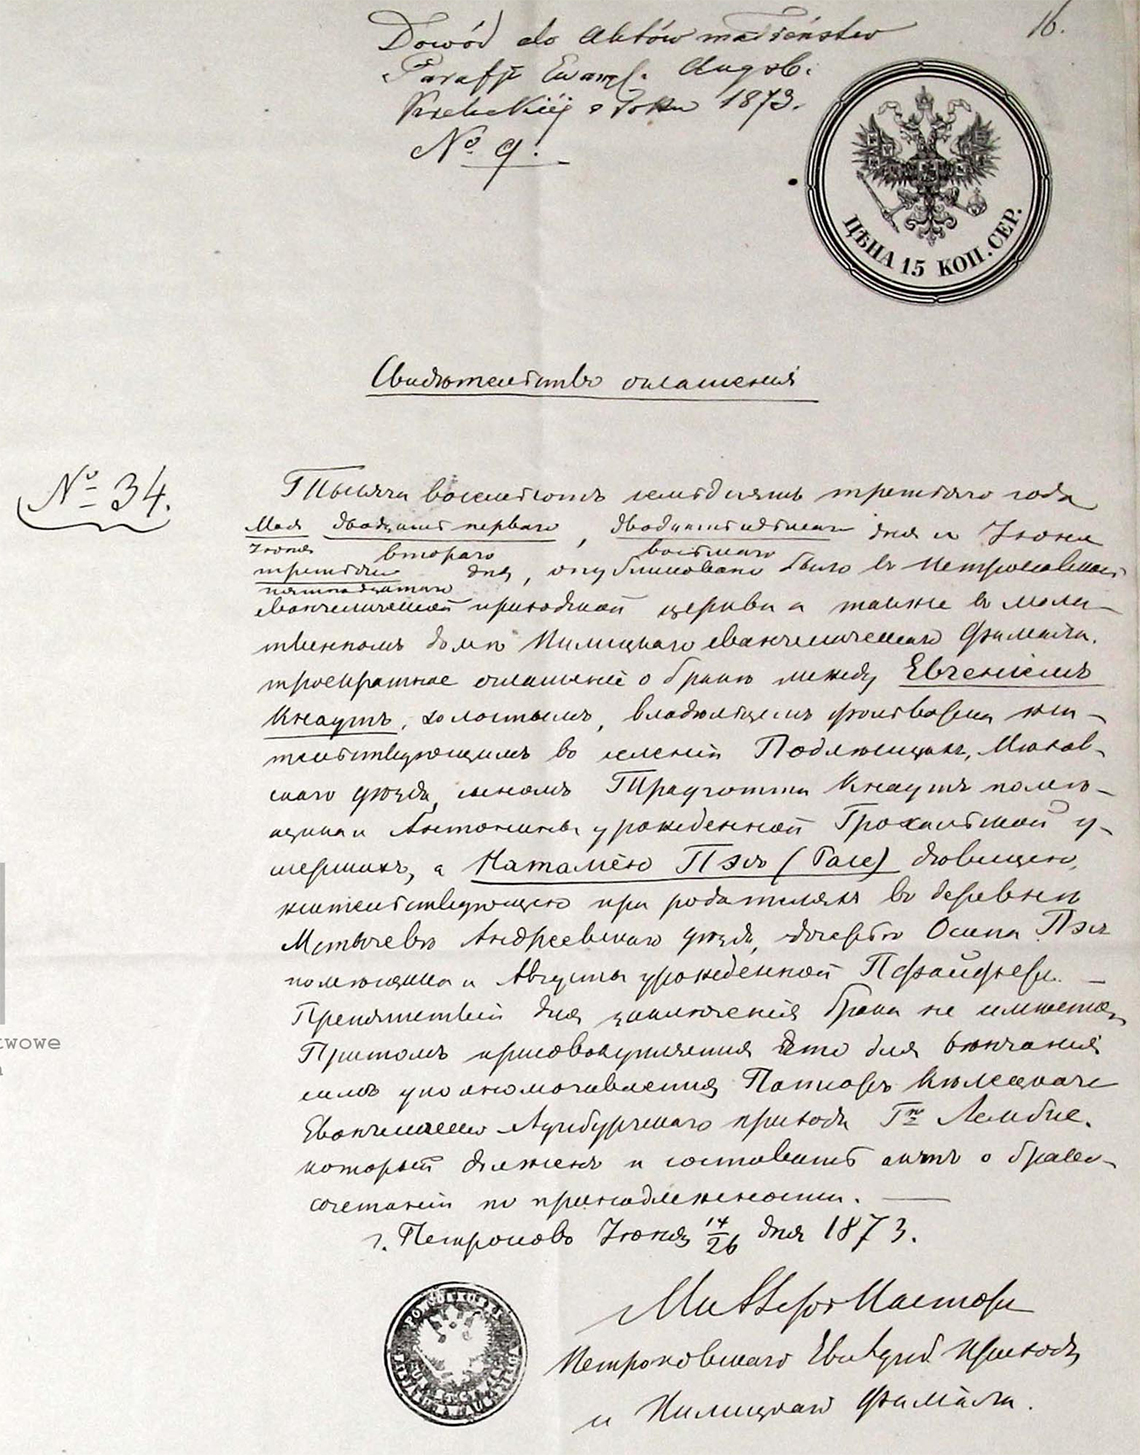 Dowody (allegaty) do aktu małżeństwa Eugeniusz Knaut & Natalia Justyna Pace w dn. 02.07.1873 r. (2)